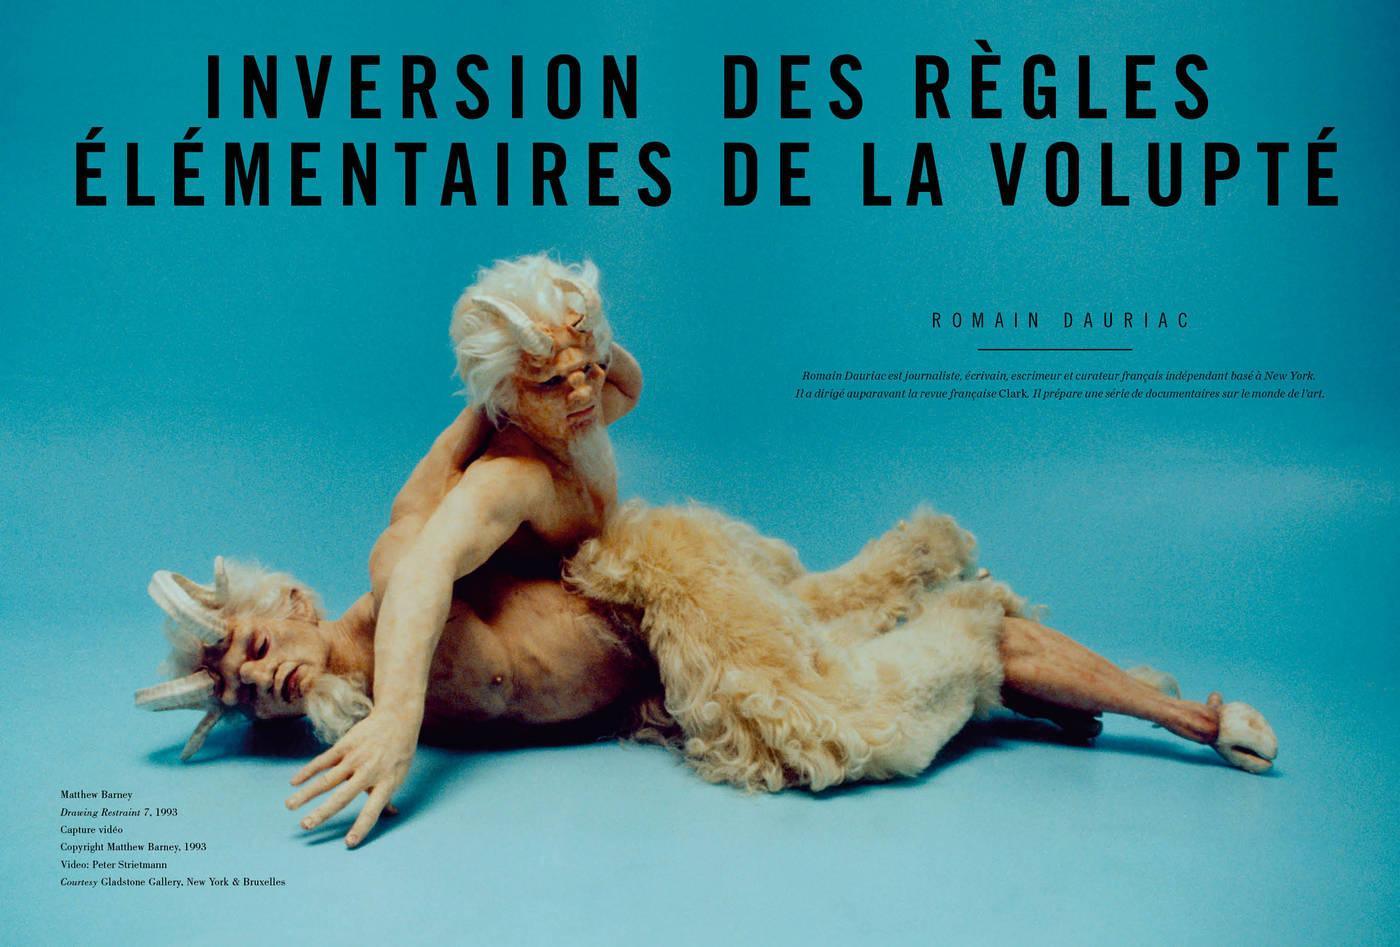 Texte de Romain Dauriac, Inversion élémentaires des règles de la volupté